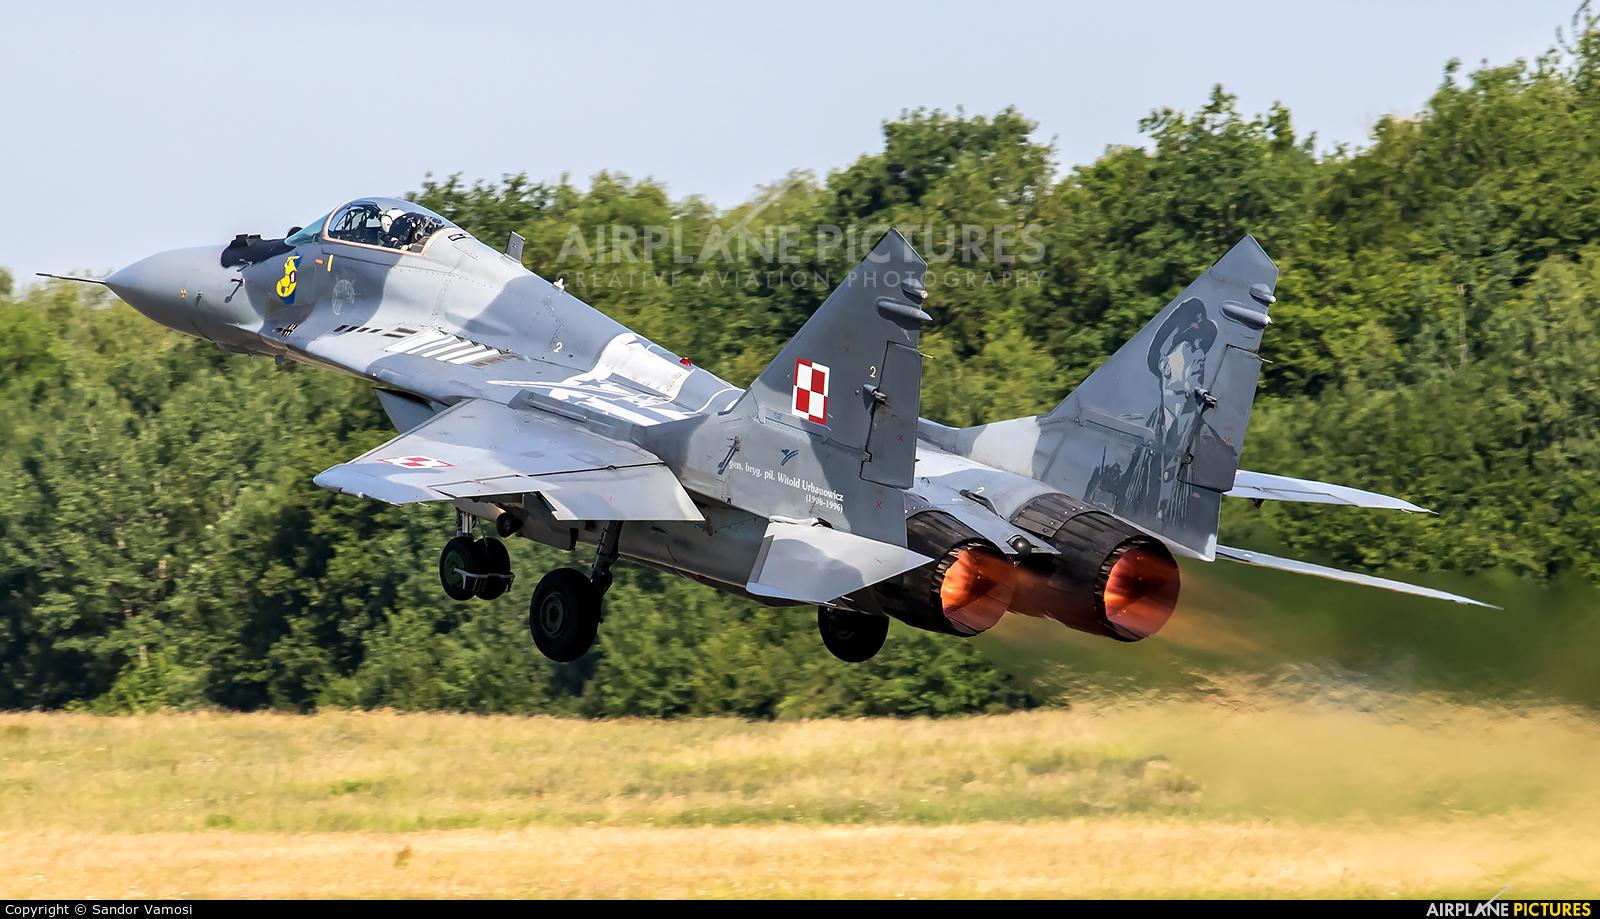 Poland - Air Force 40 aircraft at Florennes